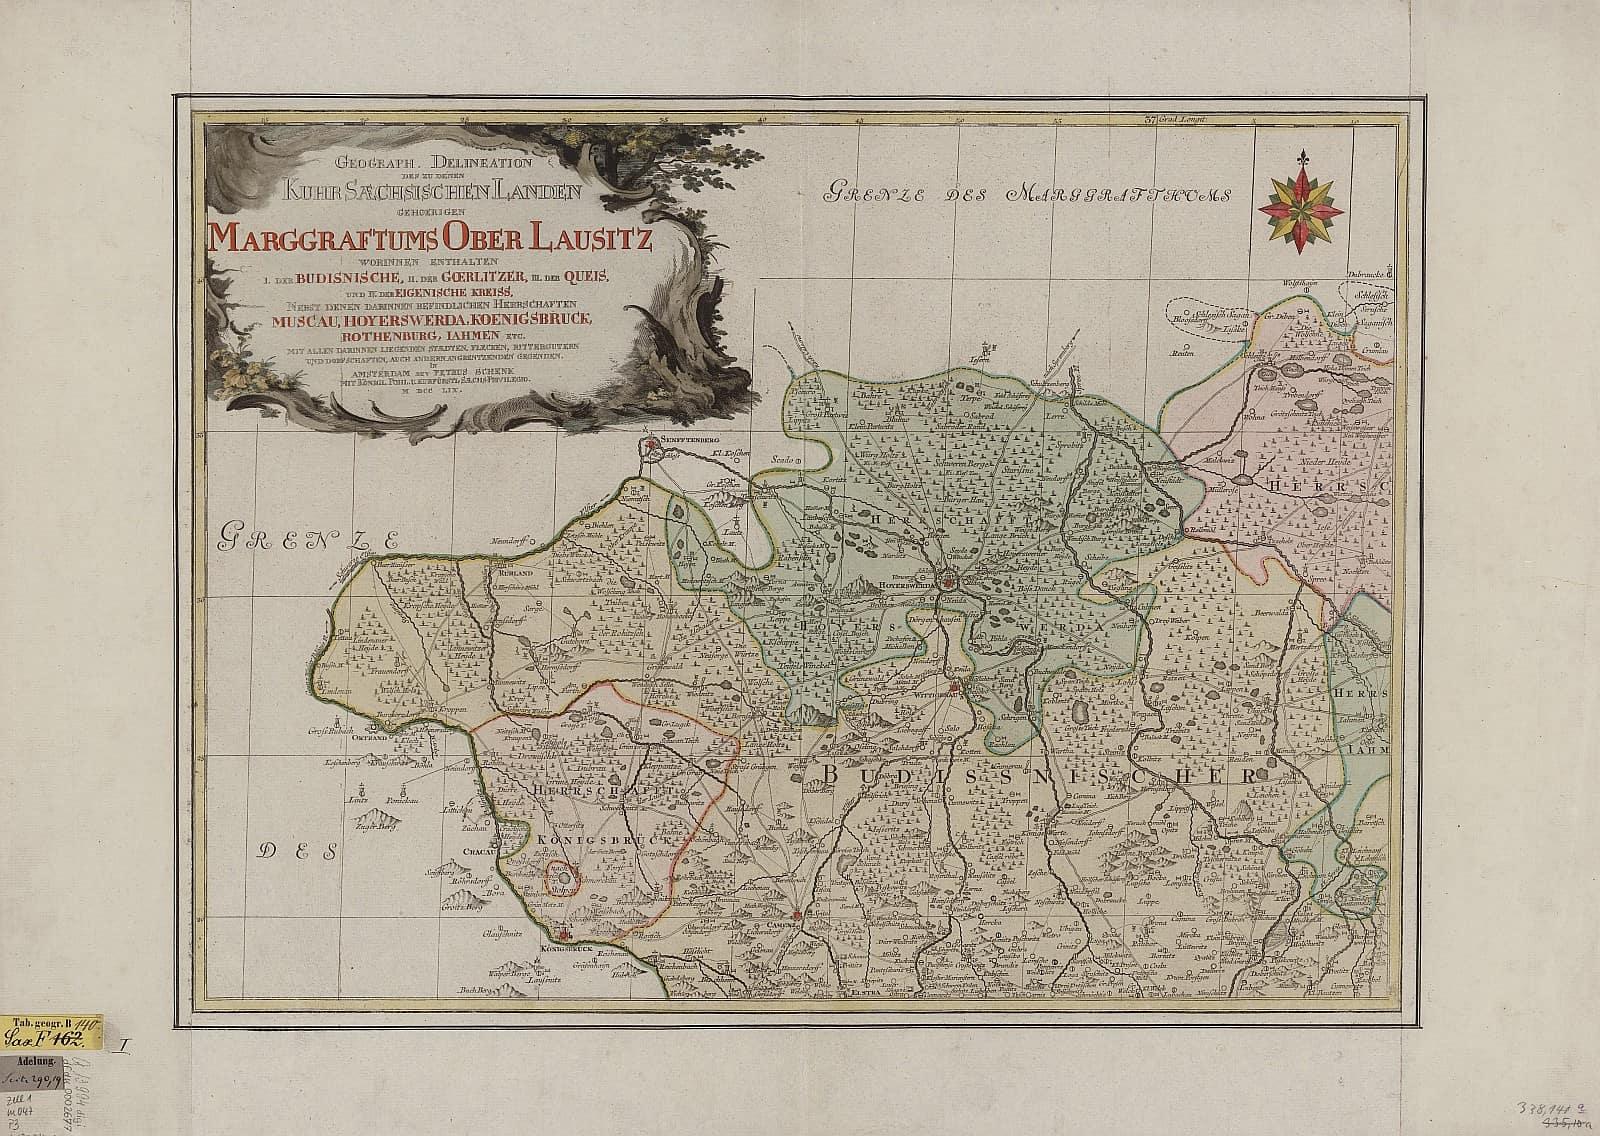 Ausschnitt Karte der Oberlausitz, Kupferstich von Adam Friedrich Zürner, 1759